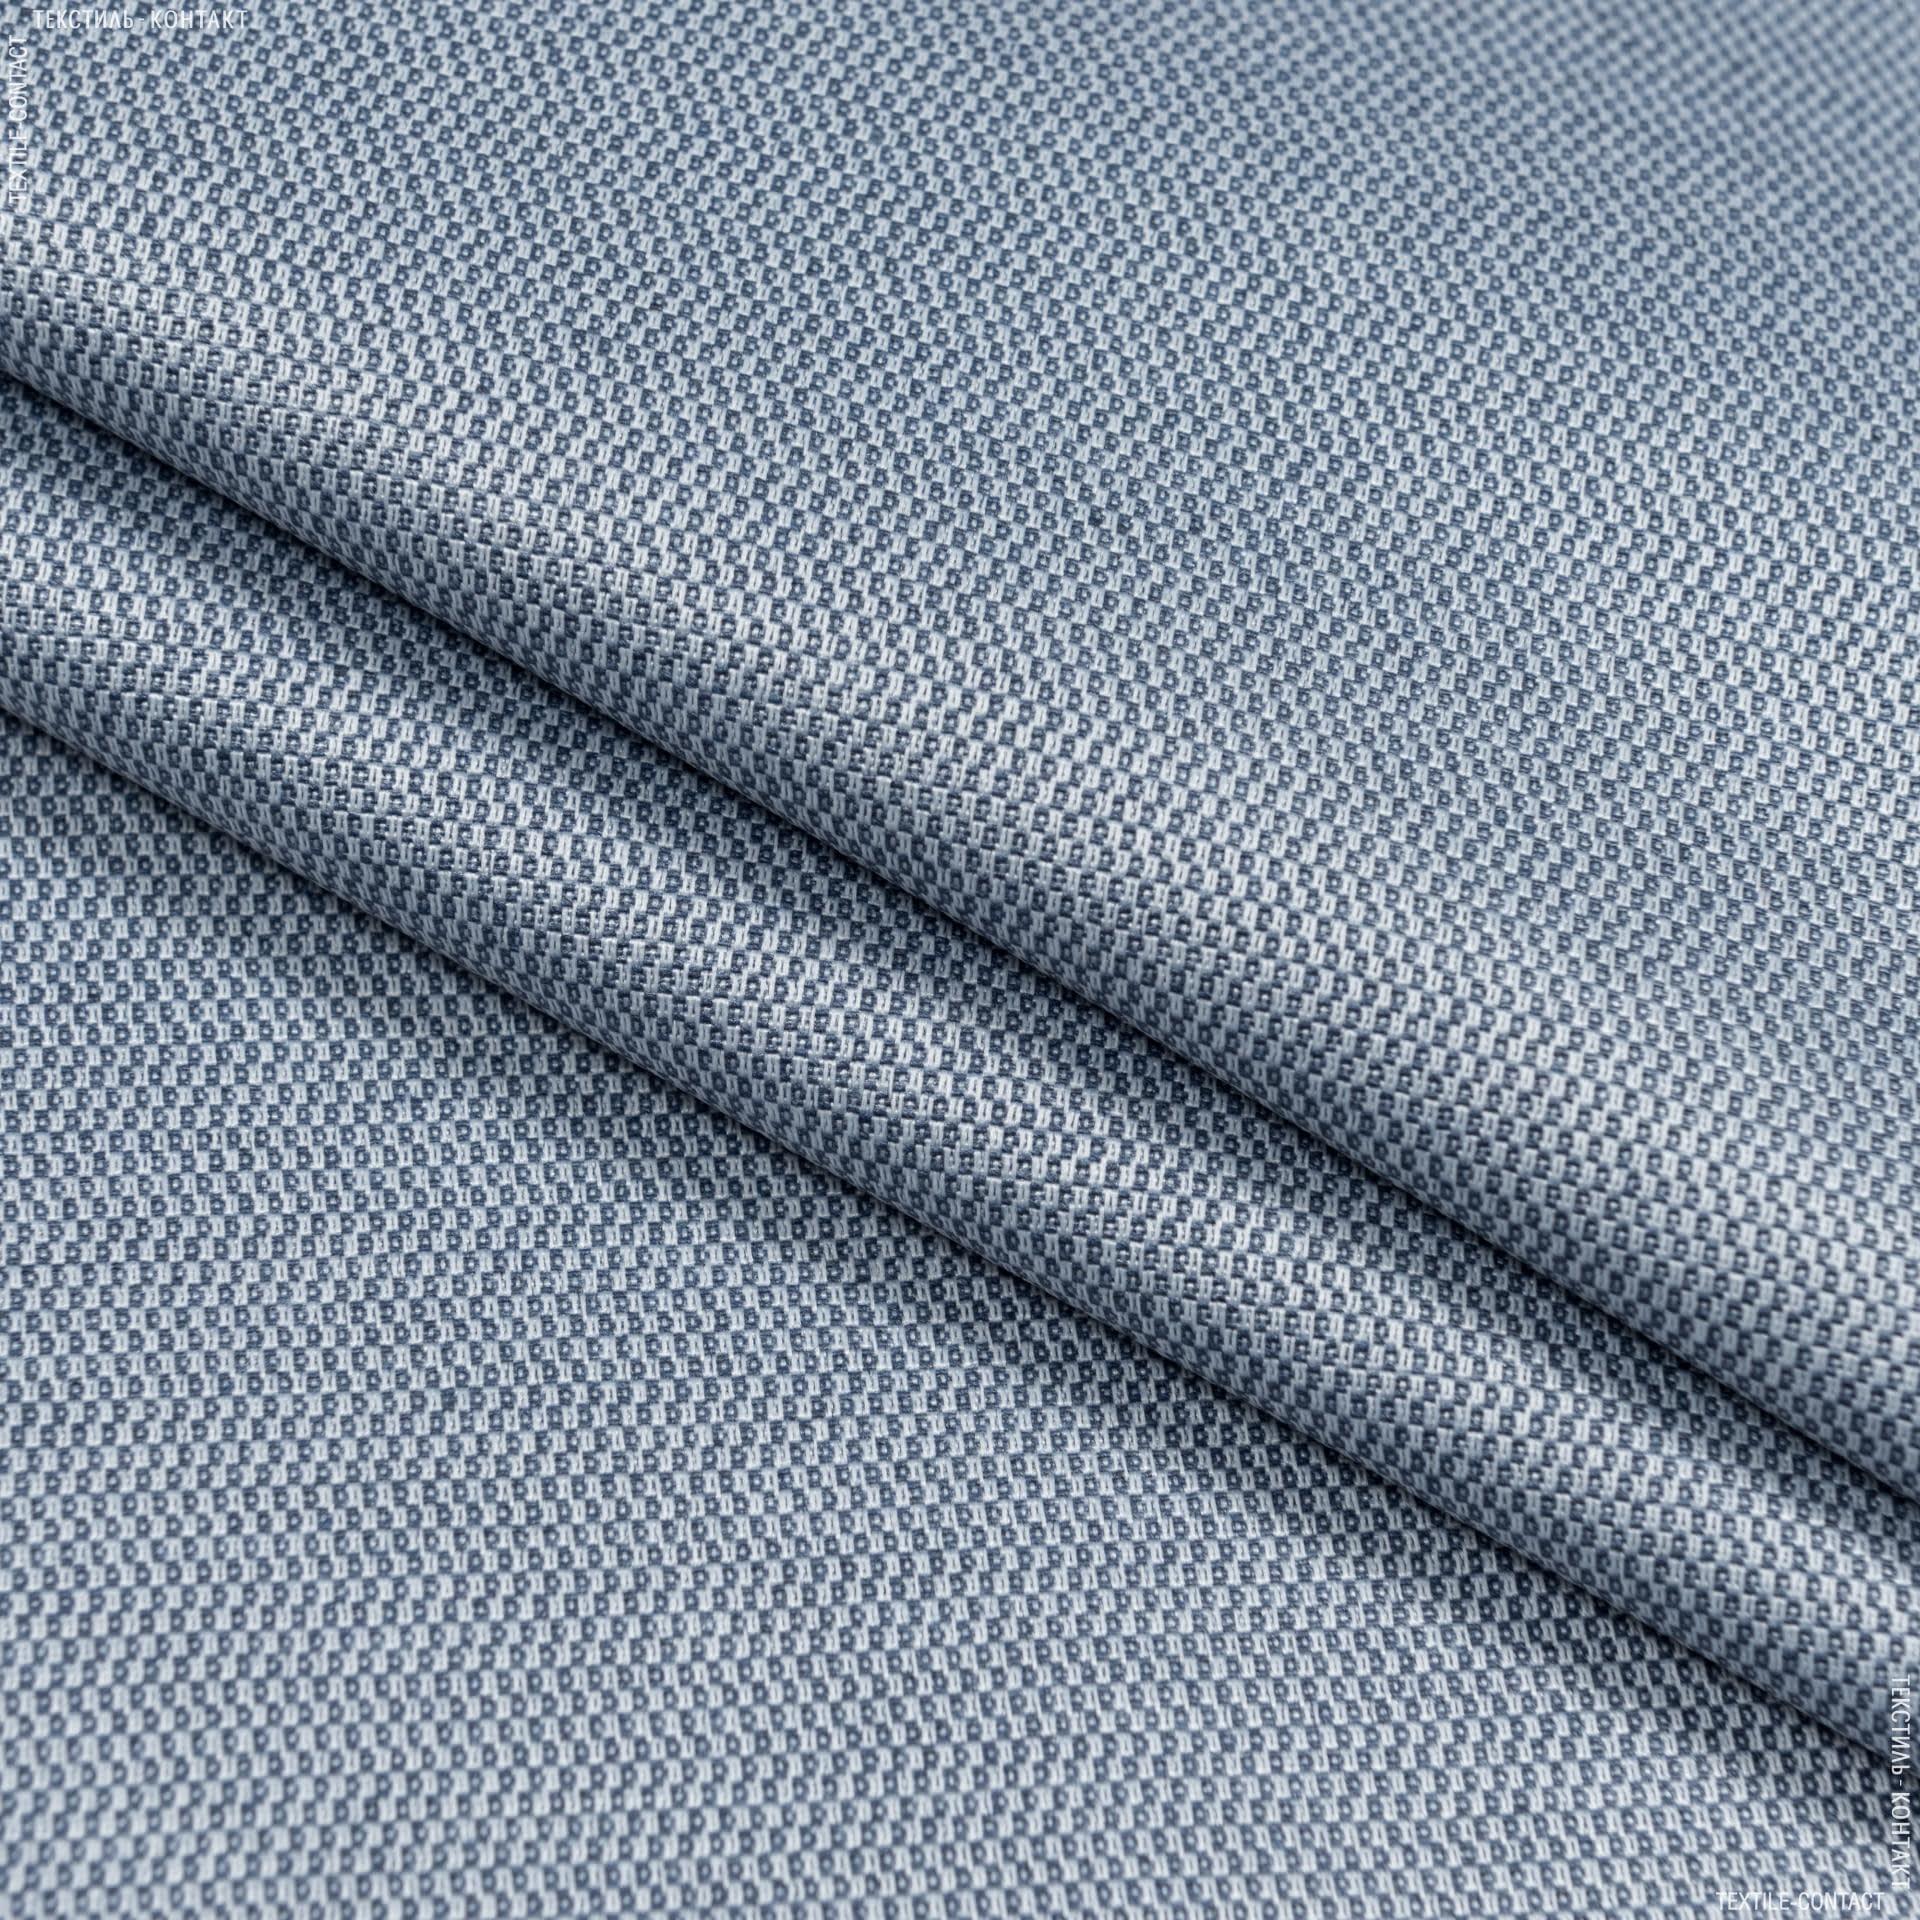 Ткани для скатертей - Ткань с акриловой пропиткой мориссот/ morissot  рогожка т. голубой